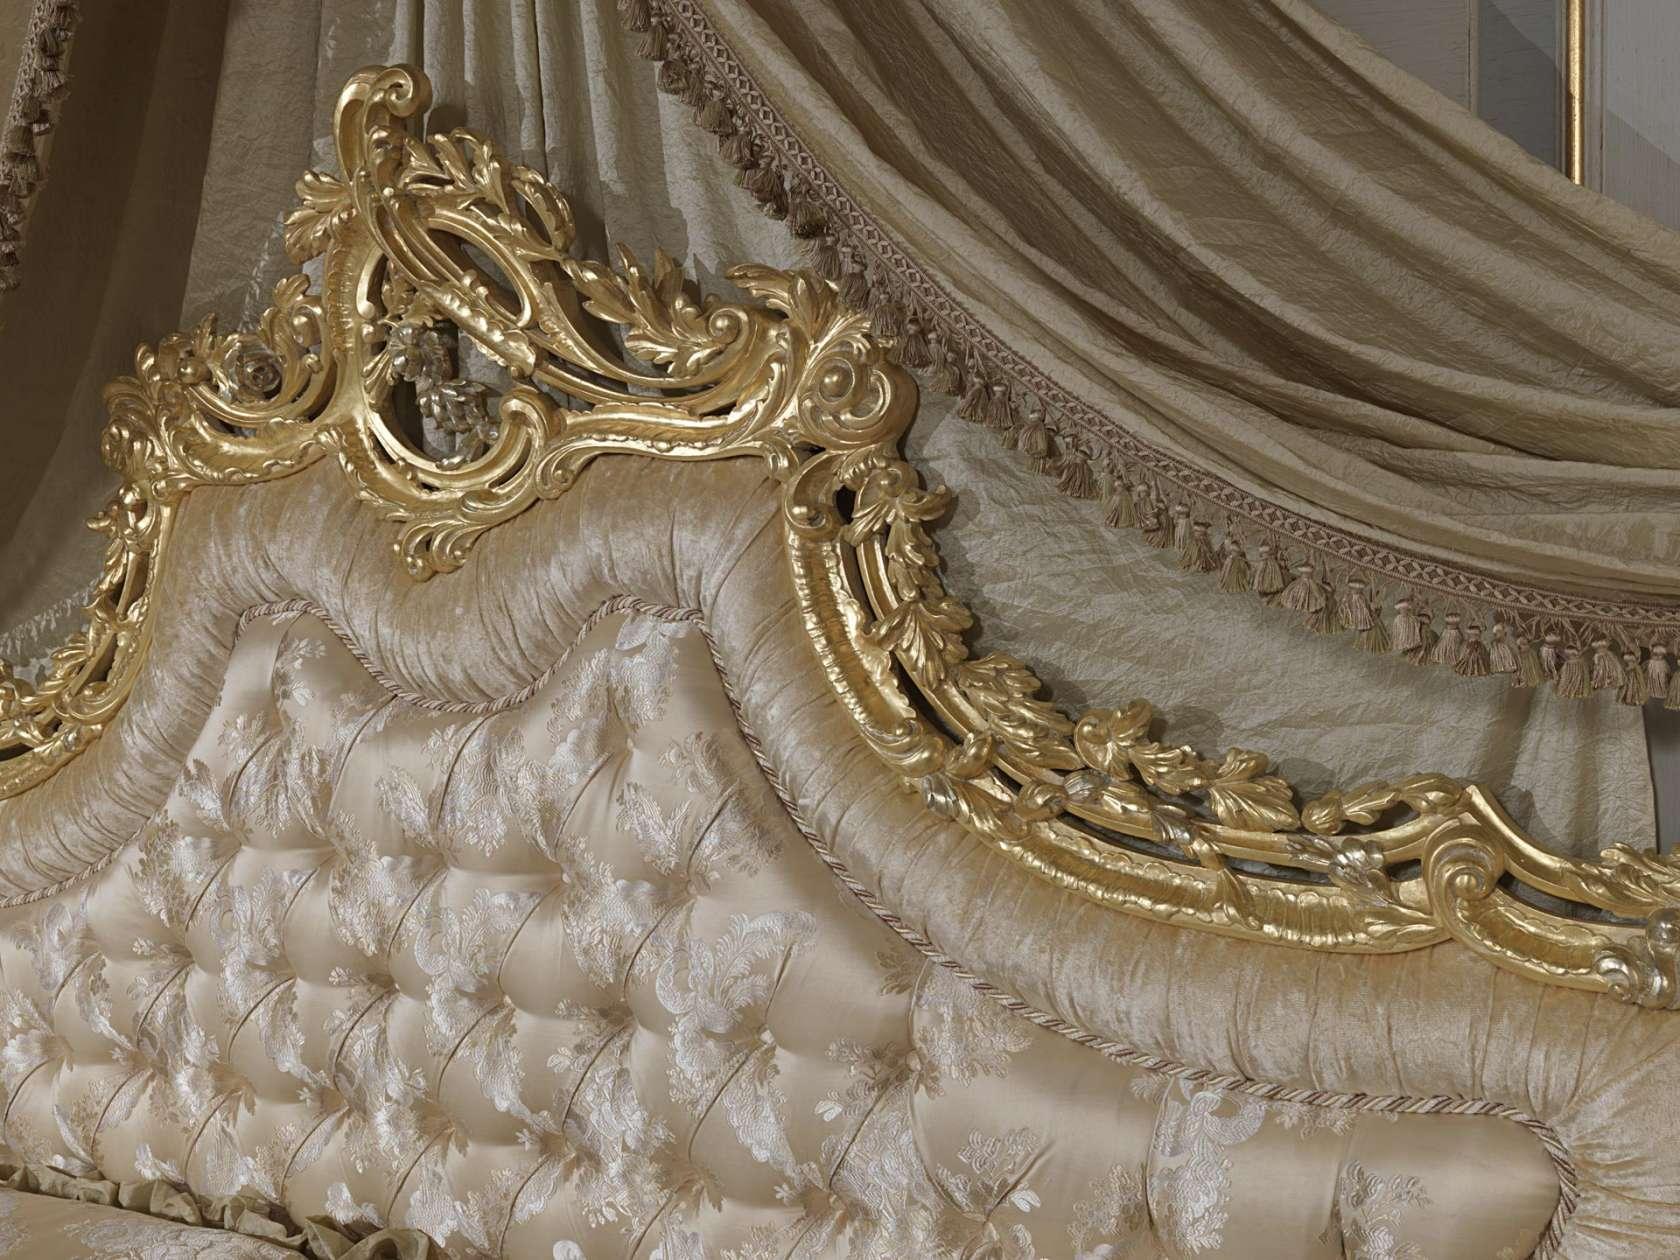 T te de lit baroque 2012 vimercati classic furniture - Chambre a coucher style baroque ...